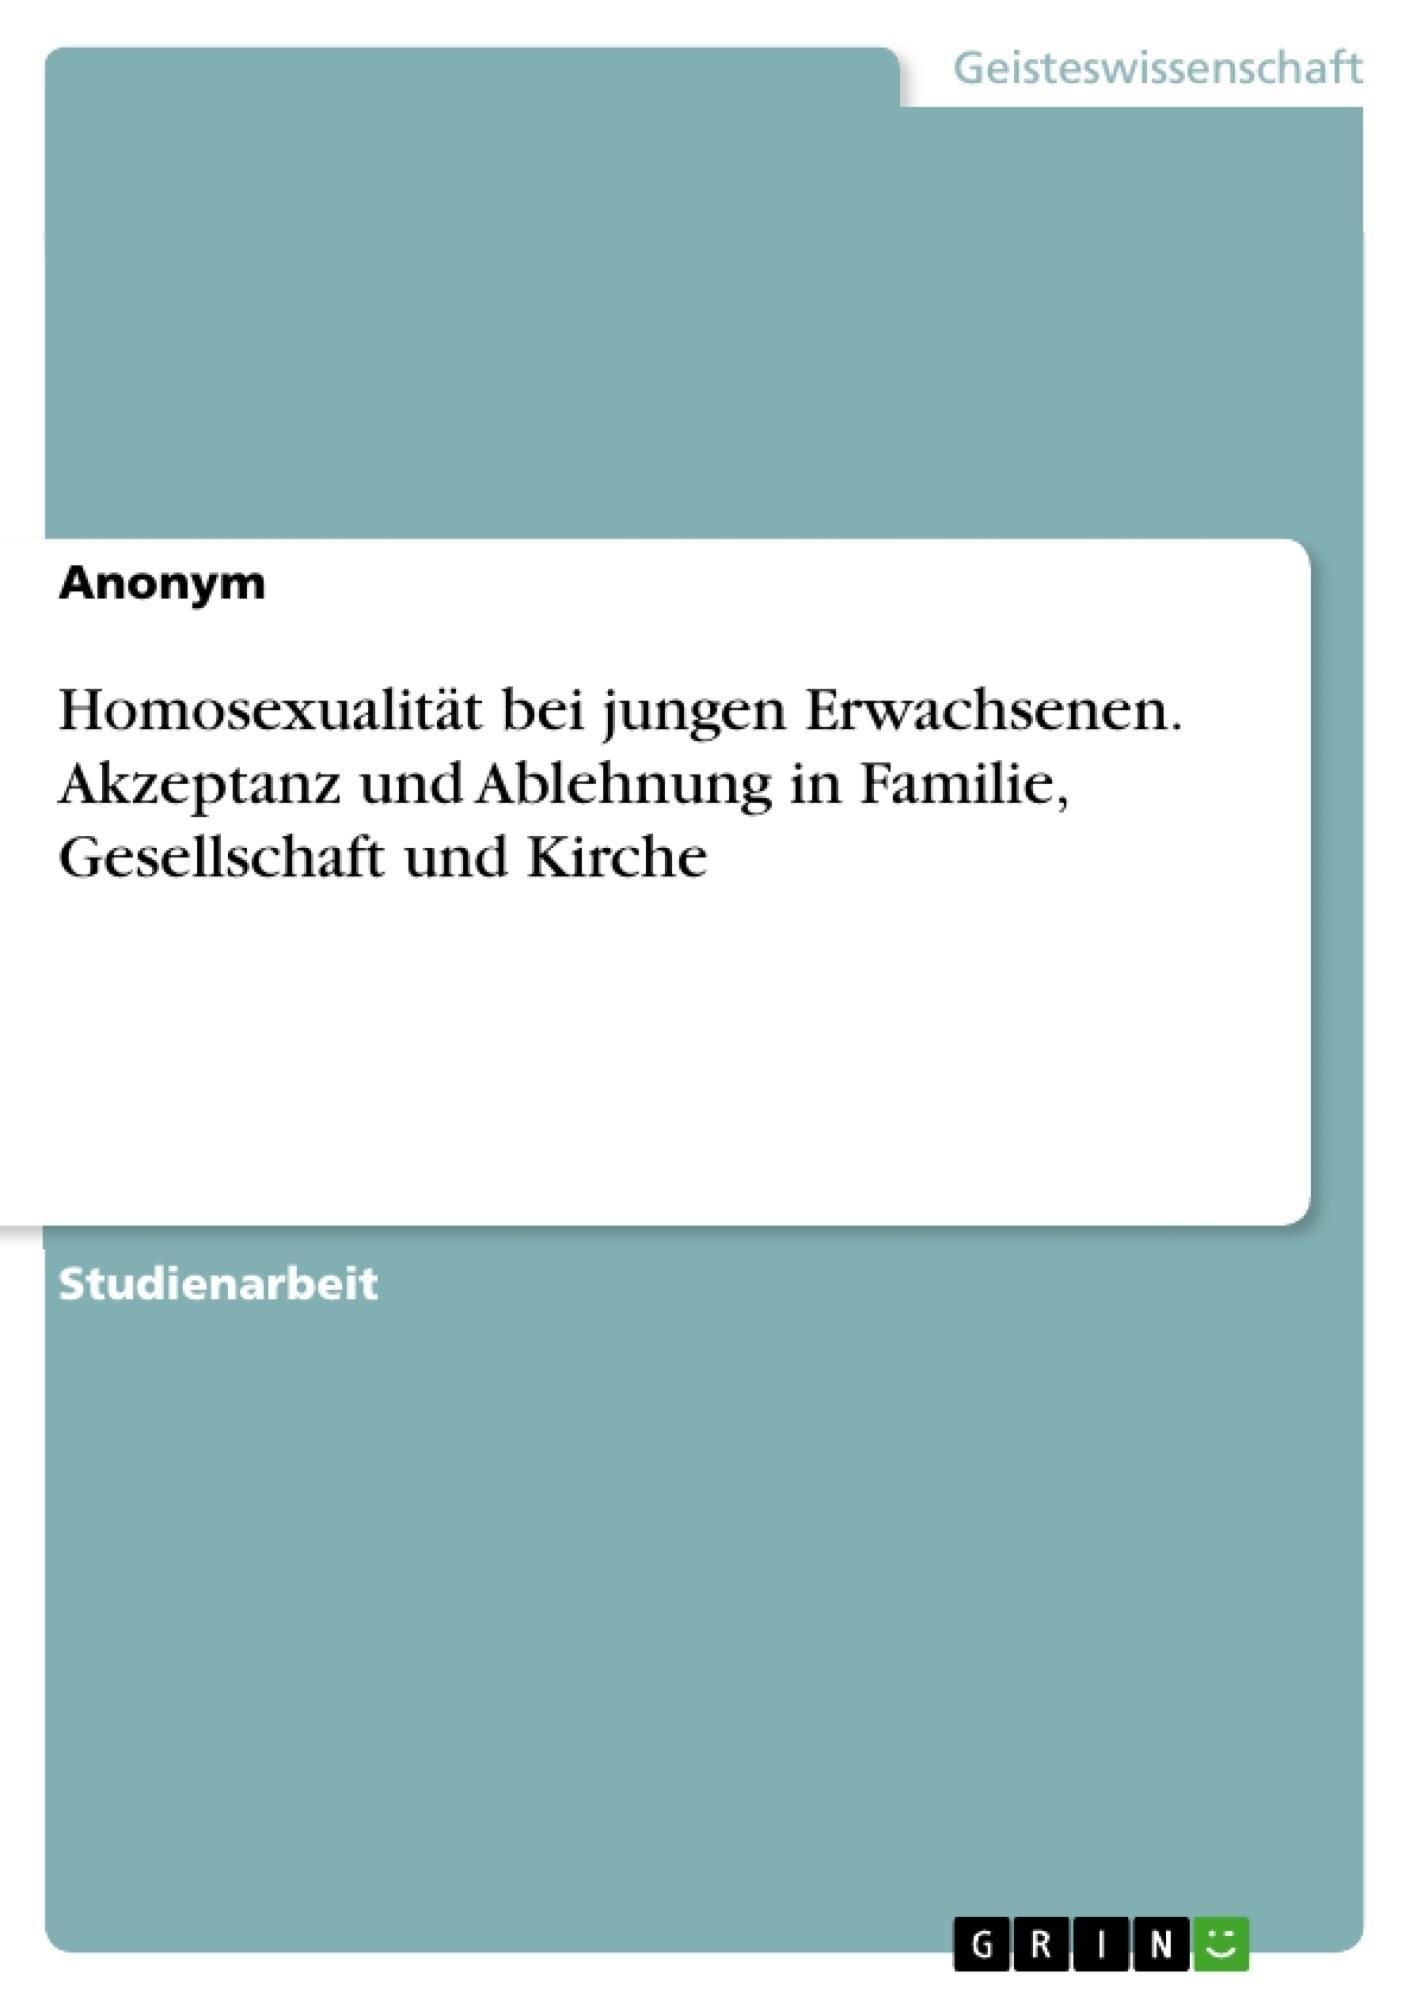 Titel: Homosexualität bei jungen Erwachsenen. Akzeptanz und Ablehnung in Familie, Gesellschaft und Kirche